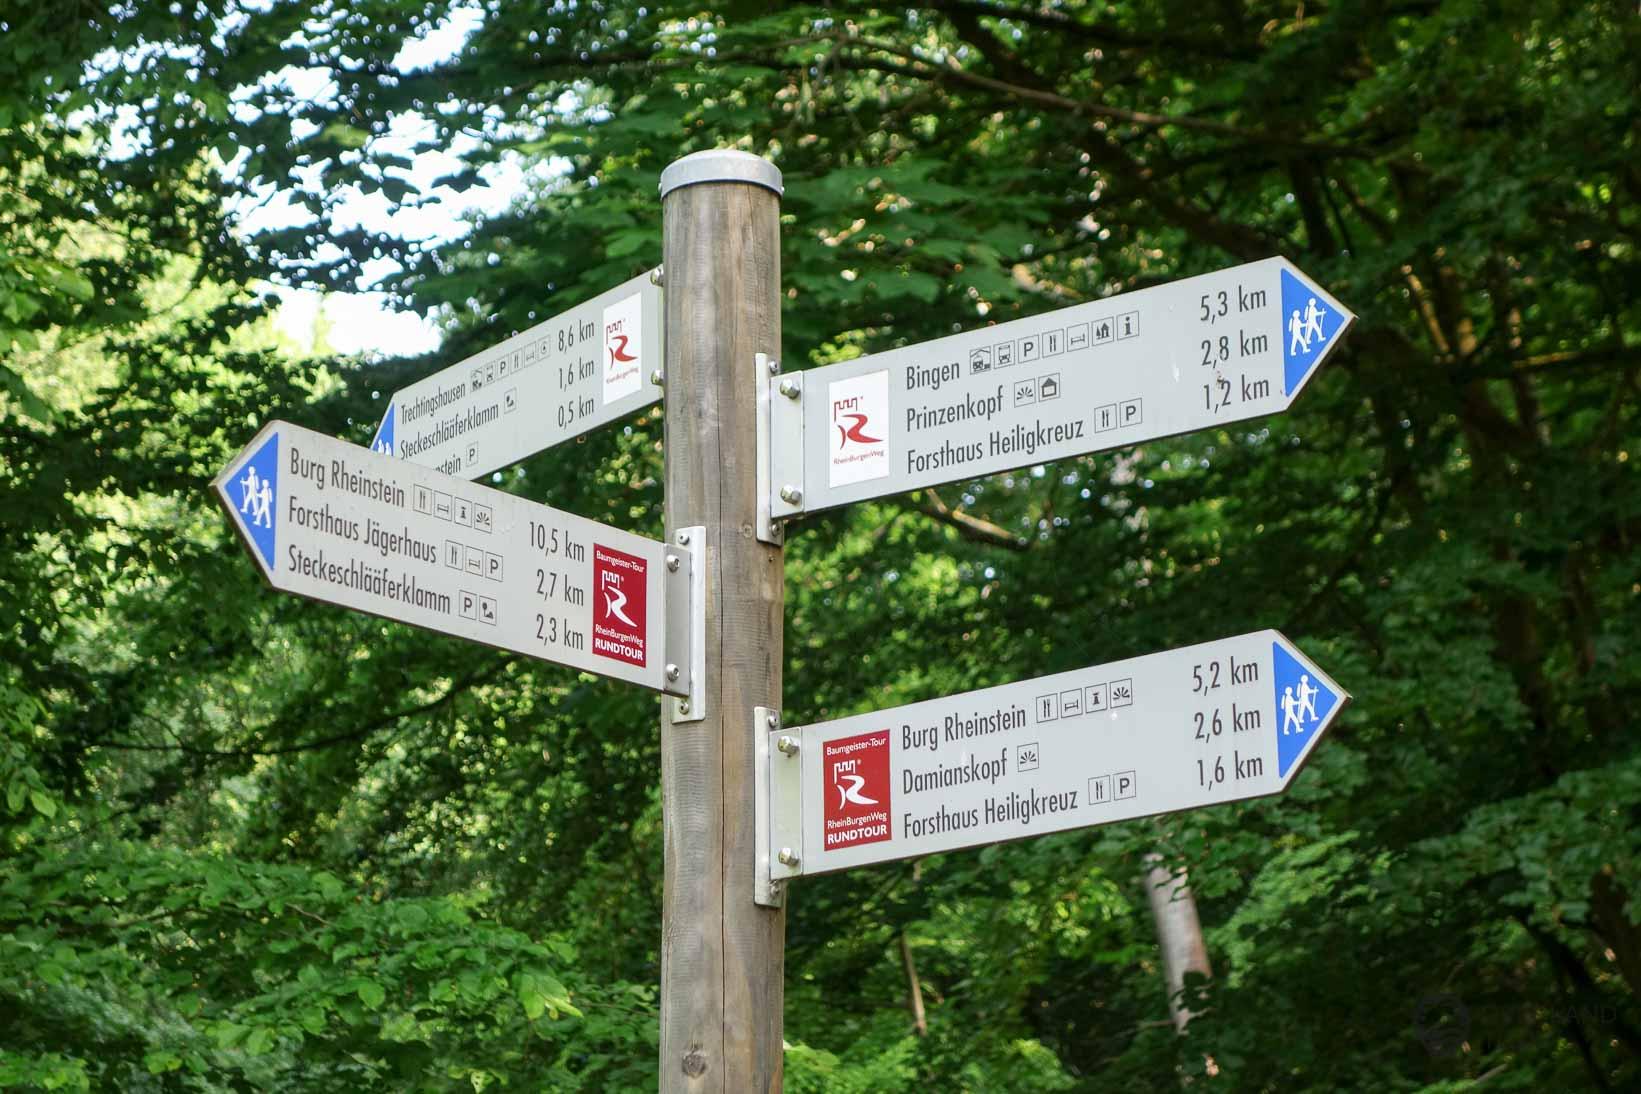 Verlaufen auf dem Rheinburgenweg (Rheinsteig) nicht möglich